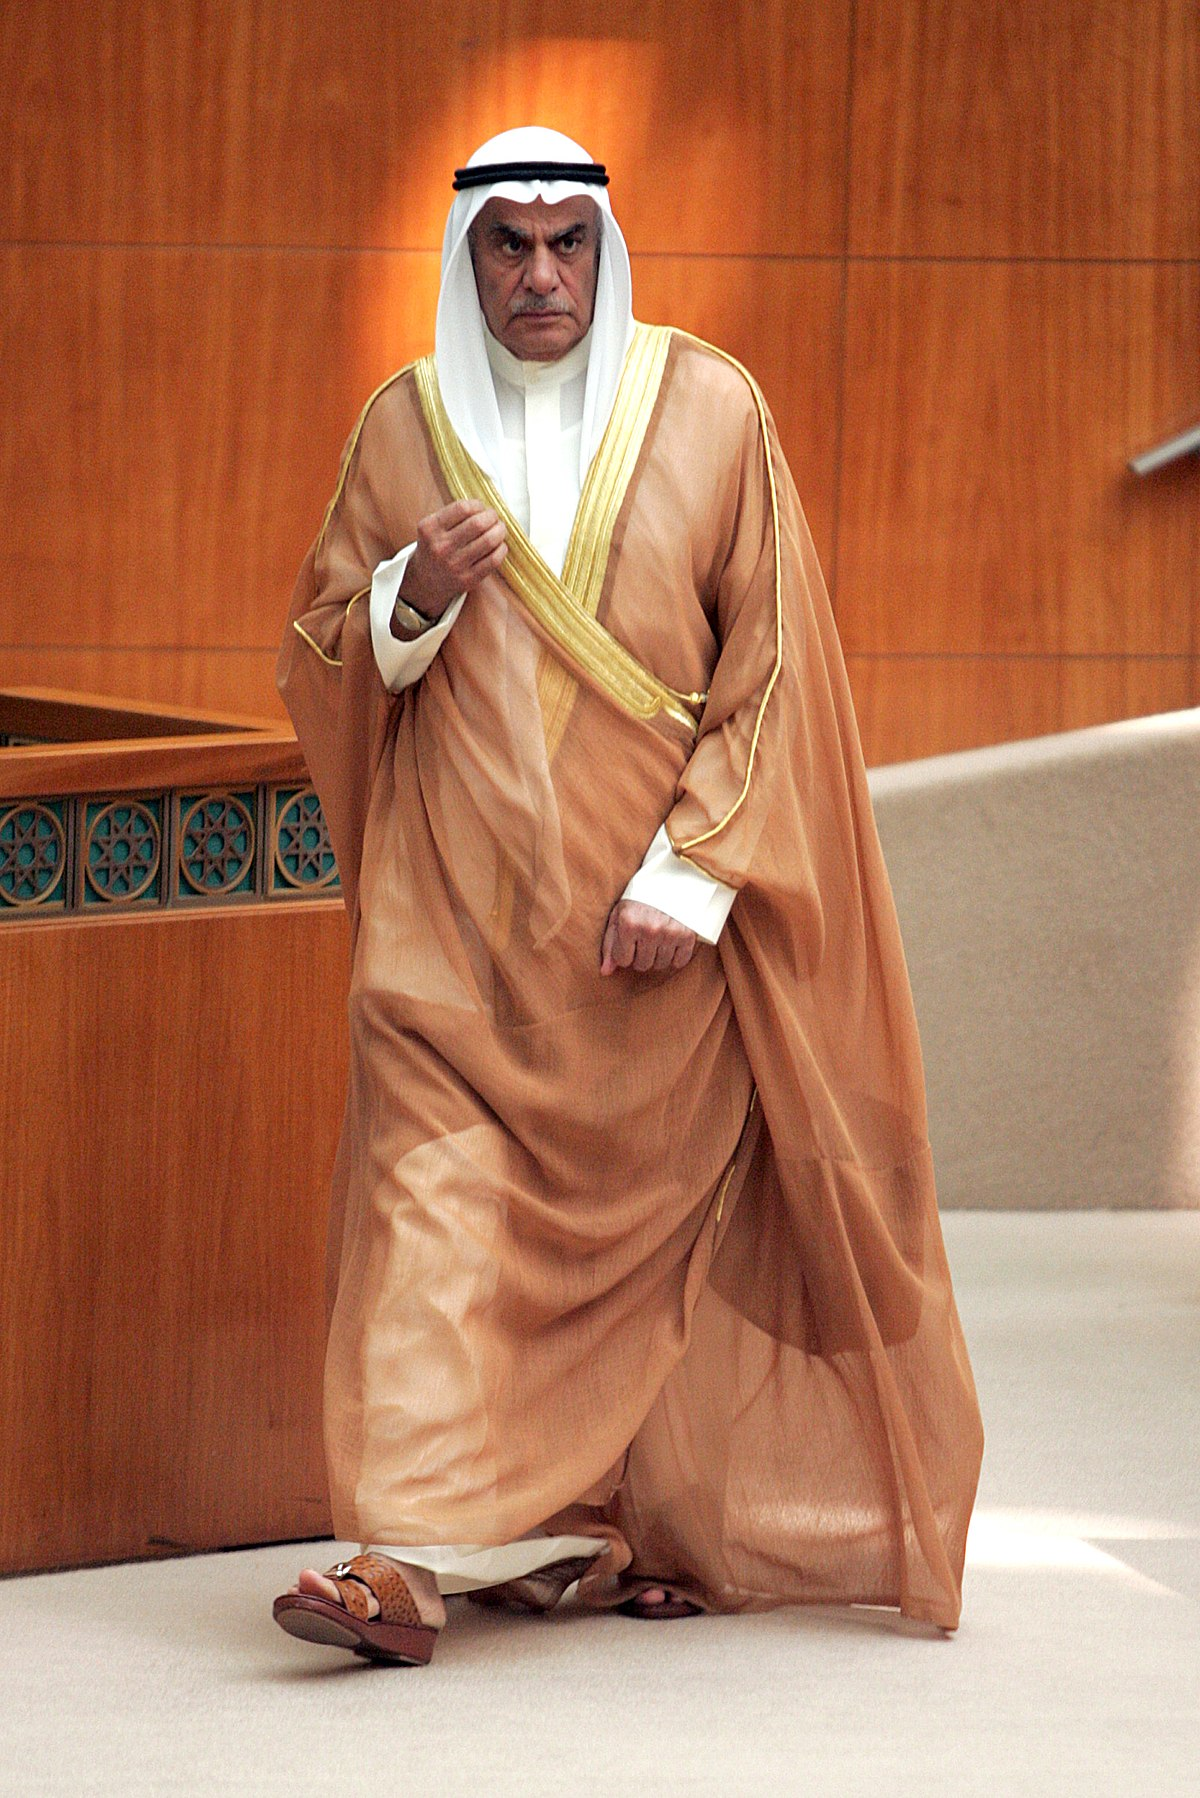 Ahmed Al Sadoun